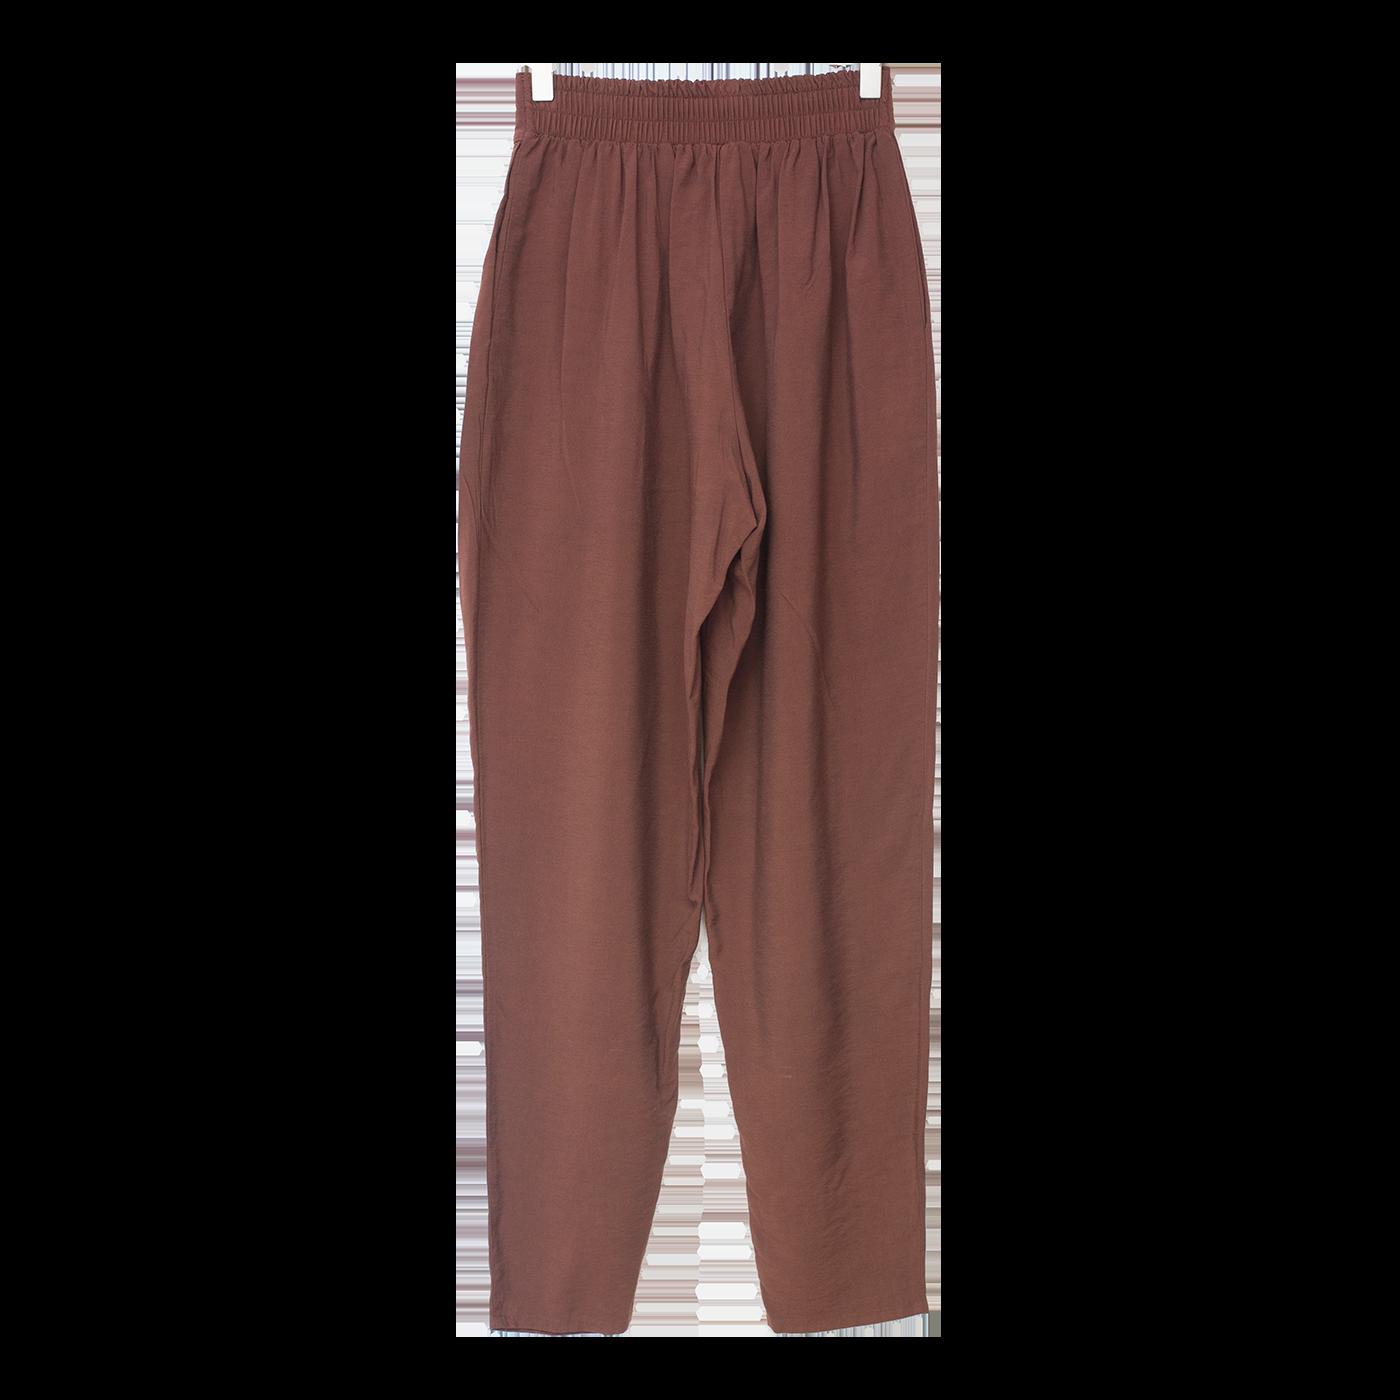 ruskeat housut